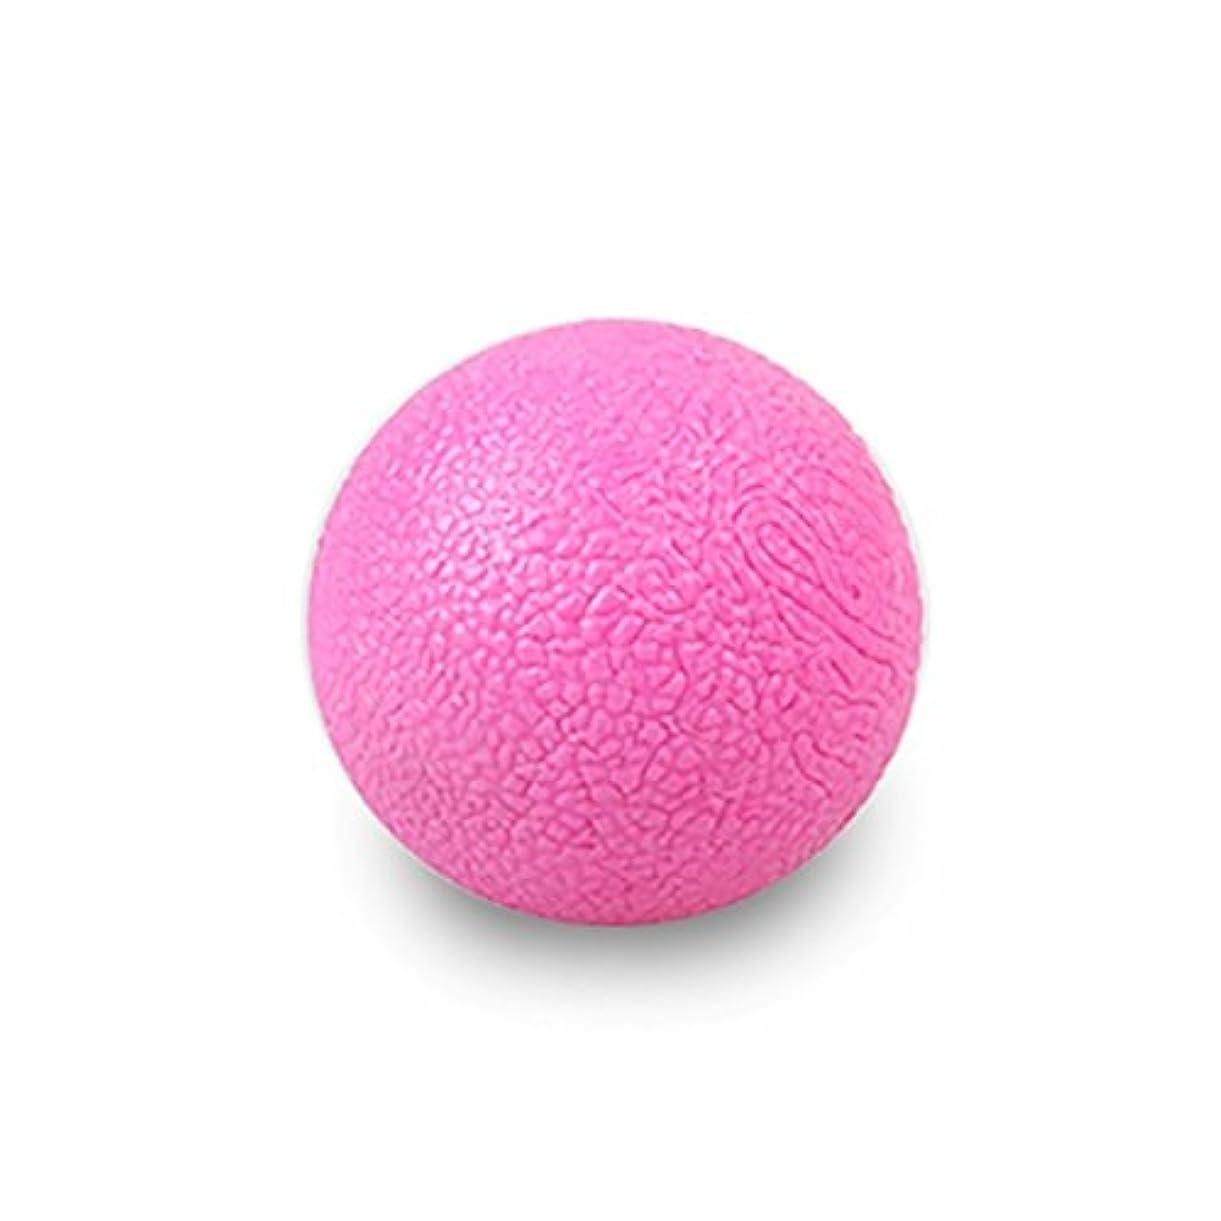 すでにピルファー優先権SHAPE&UP UPnShape ピーナッツ マッサージ ボール(1.8インチ)/ストレッチ、ヨガ、フィットネス リハビリテーション腰痛首 (ブルー)